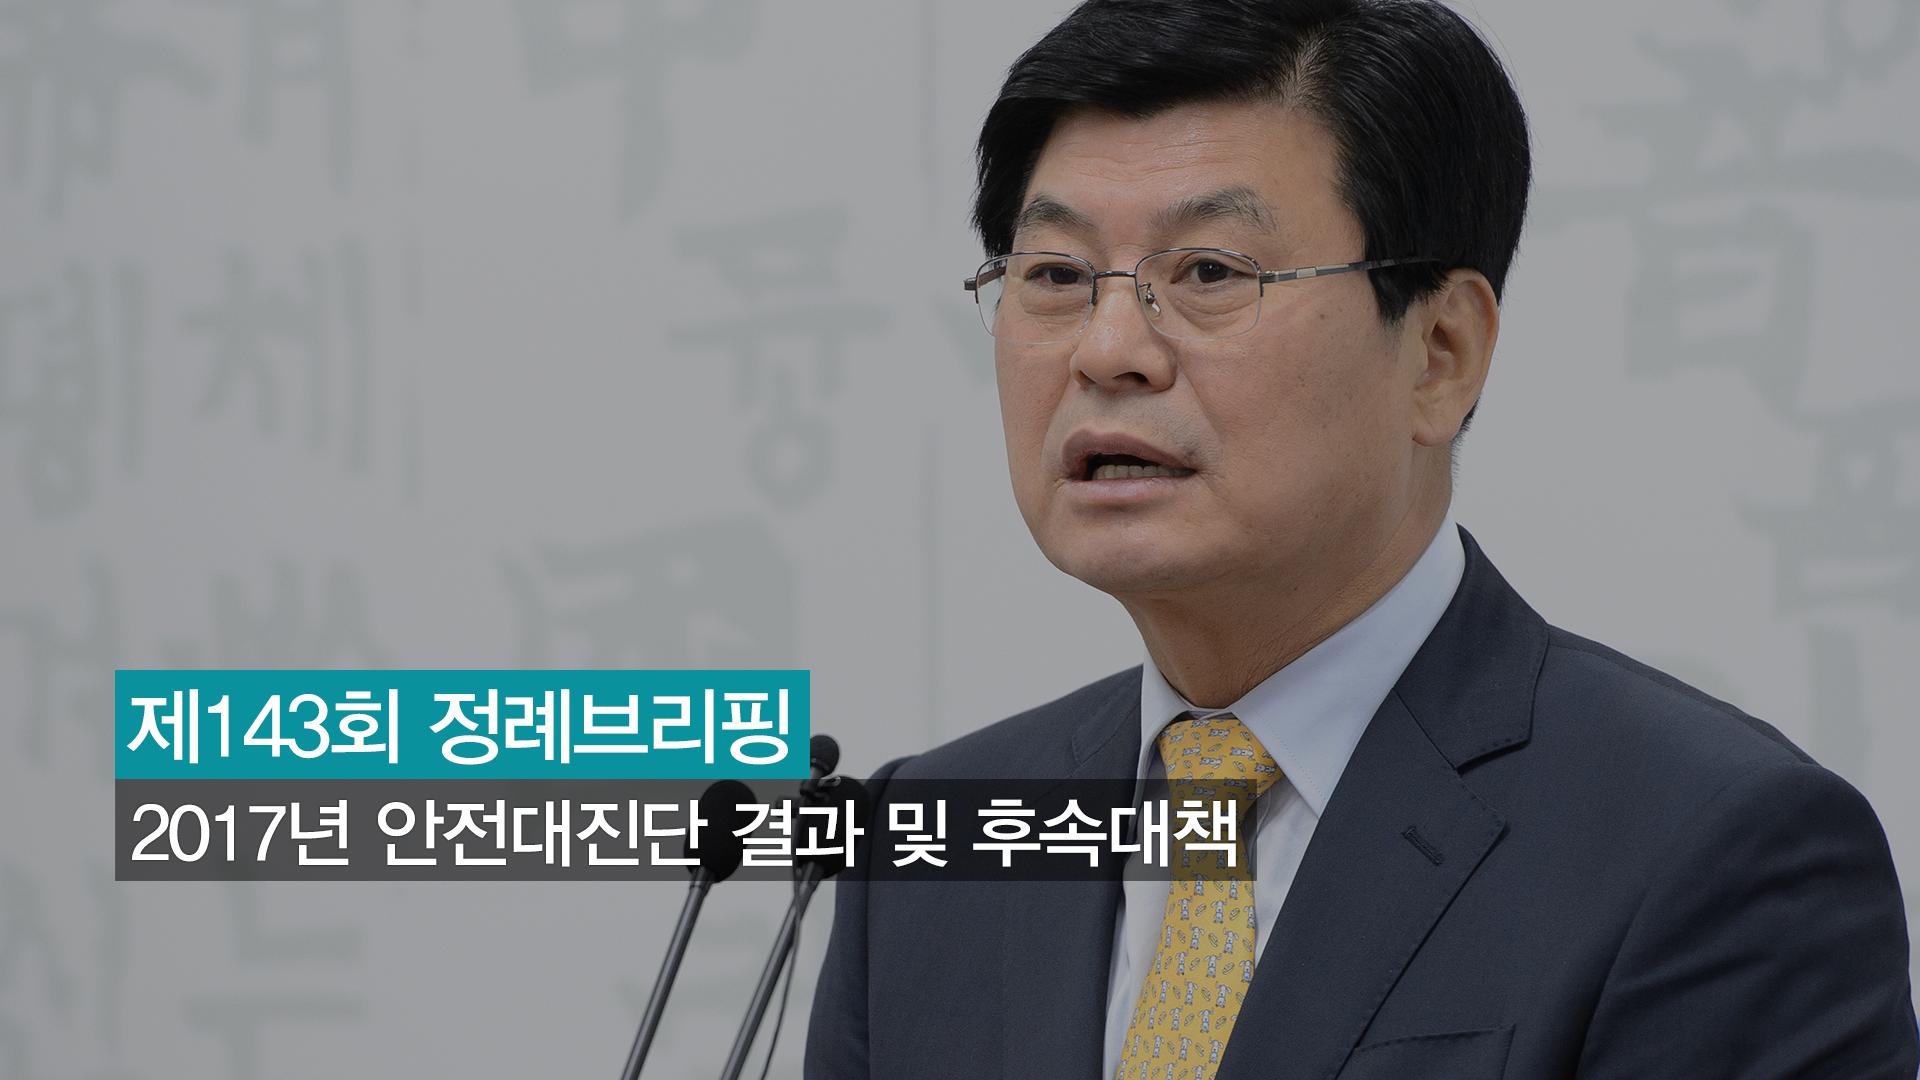 <143번째 정례브리핑> 2017년 안전대진단 결과 및 후속대책